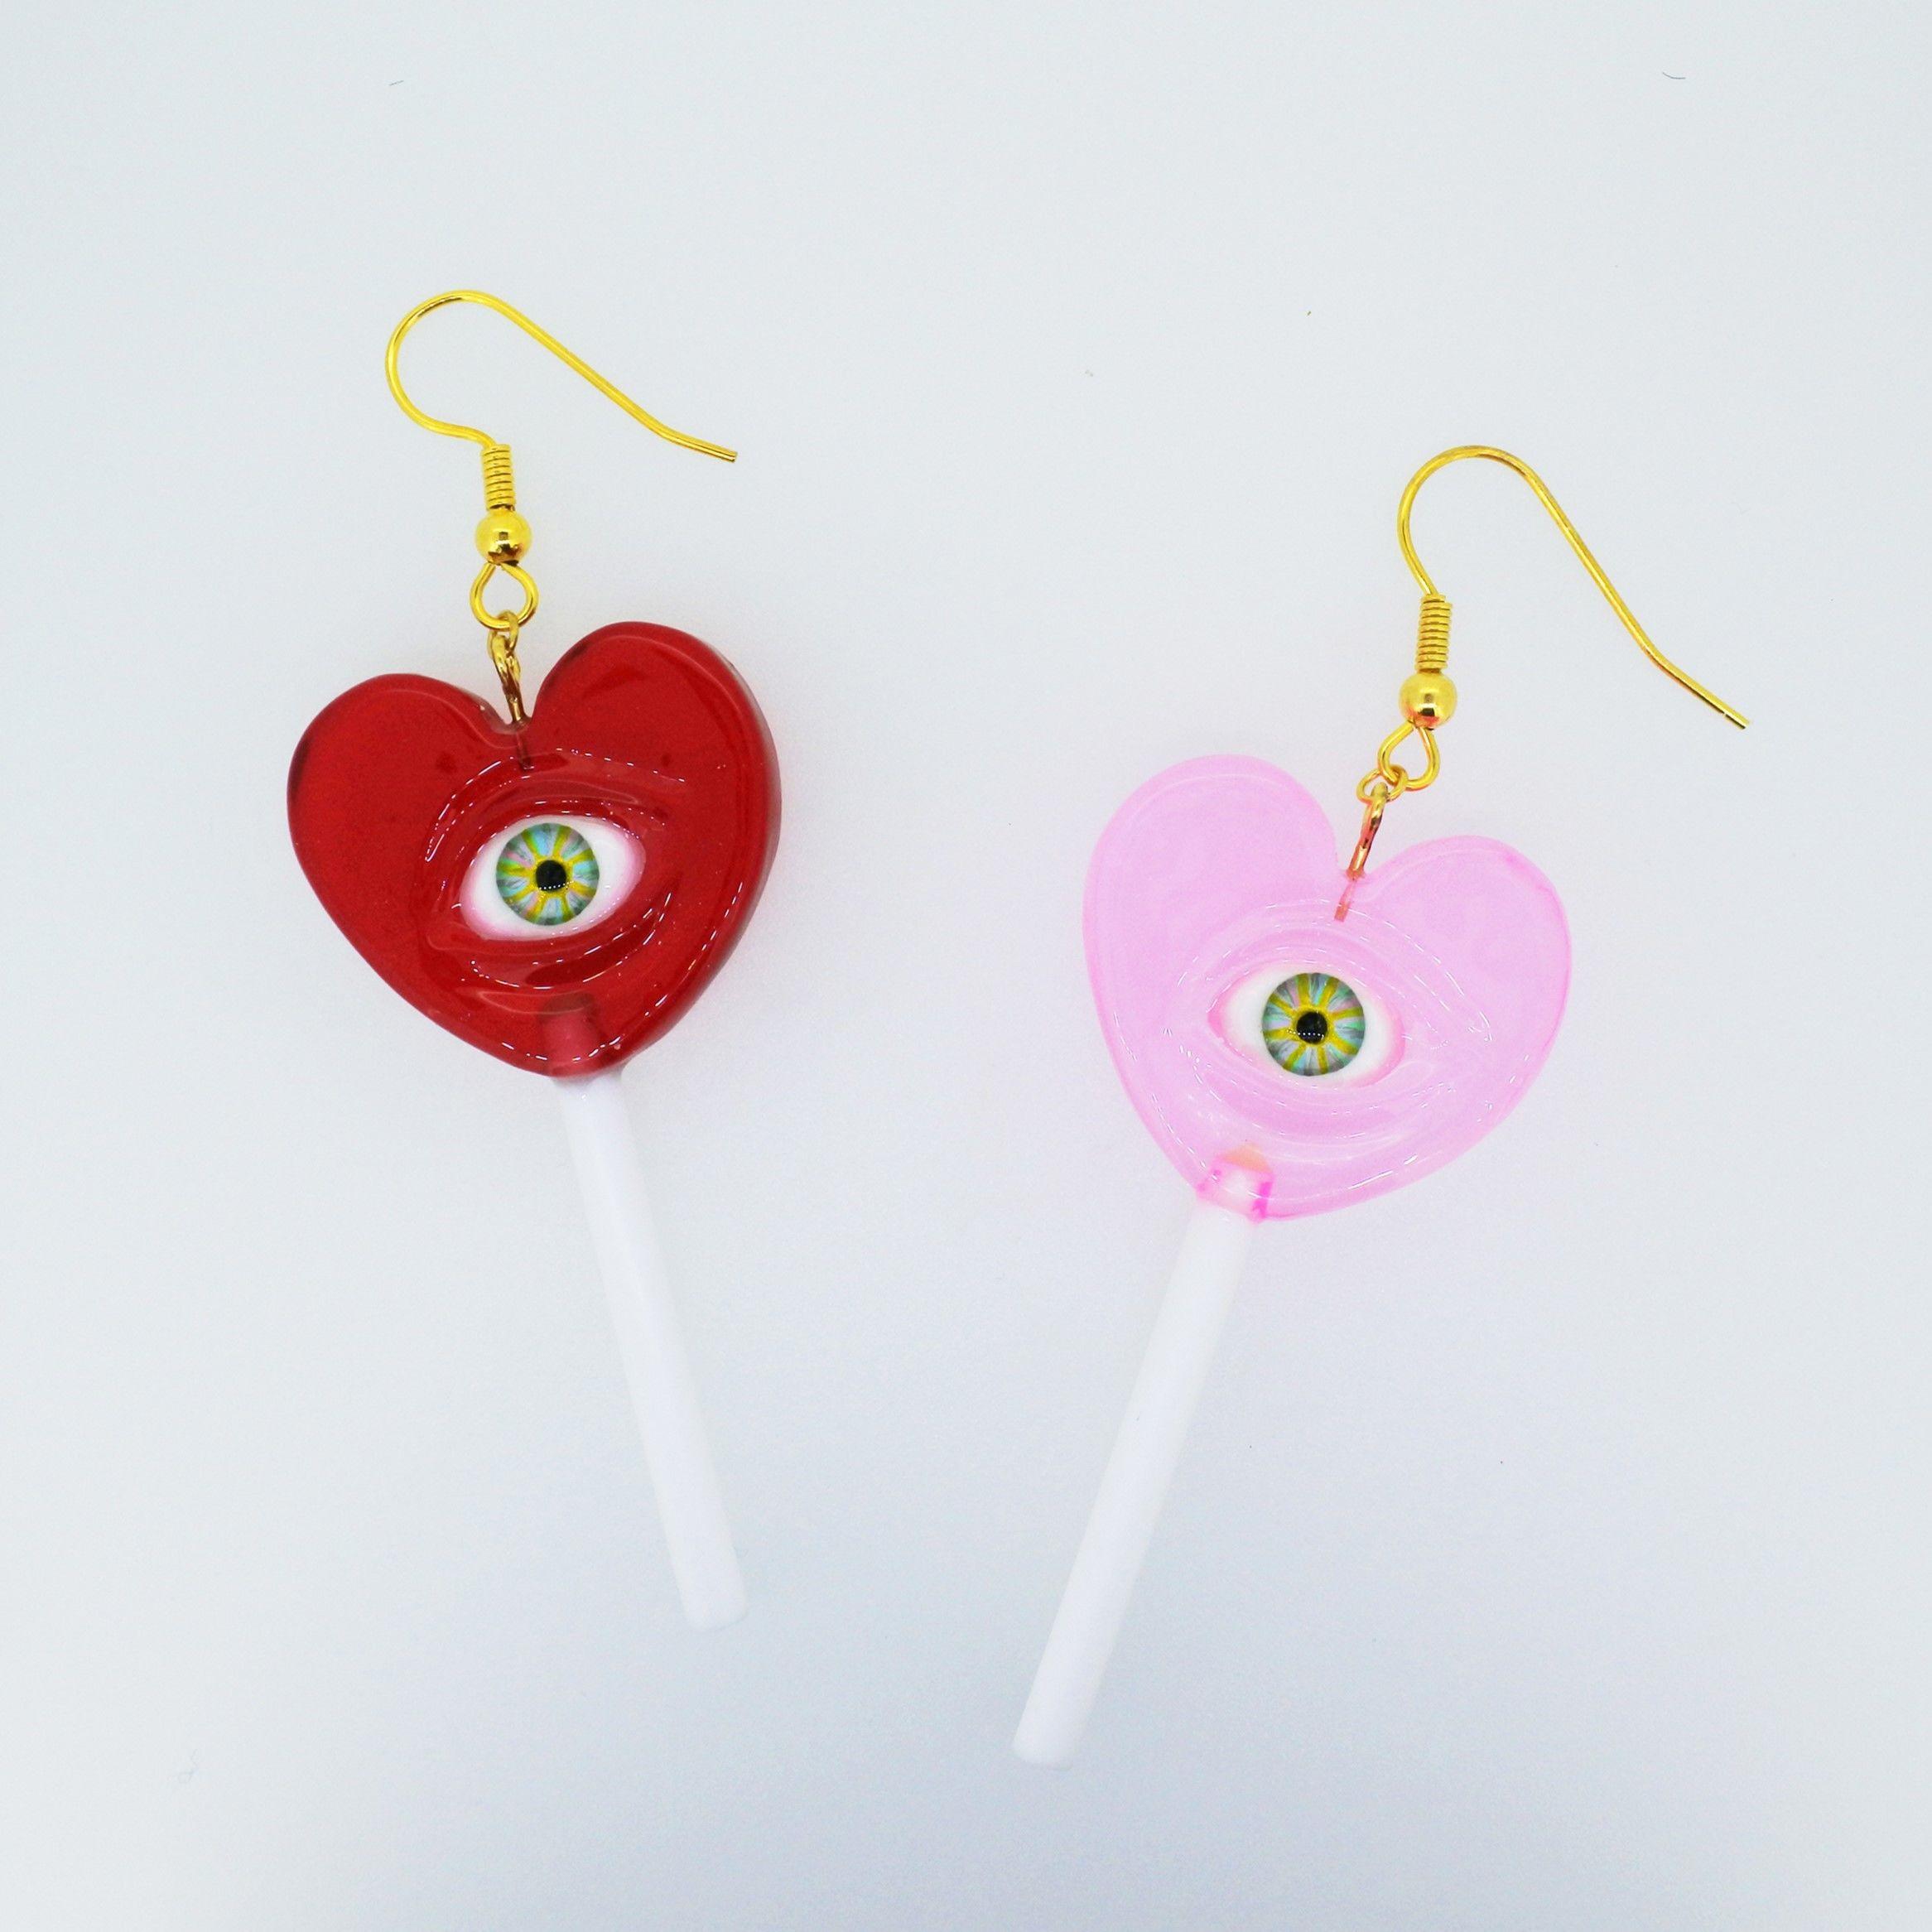 Heart eye candyピアス(片耳)(イヤリング交換可能)